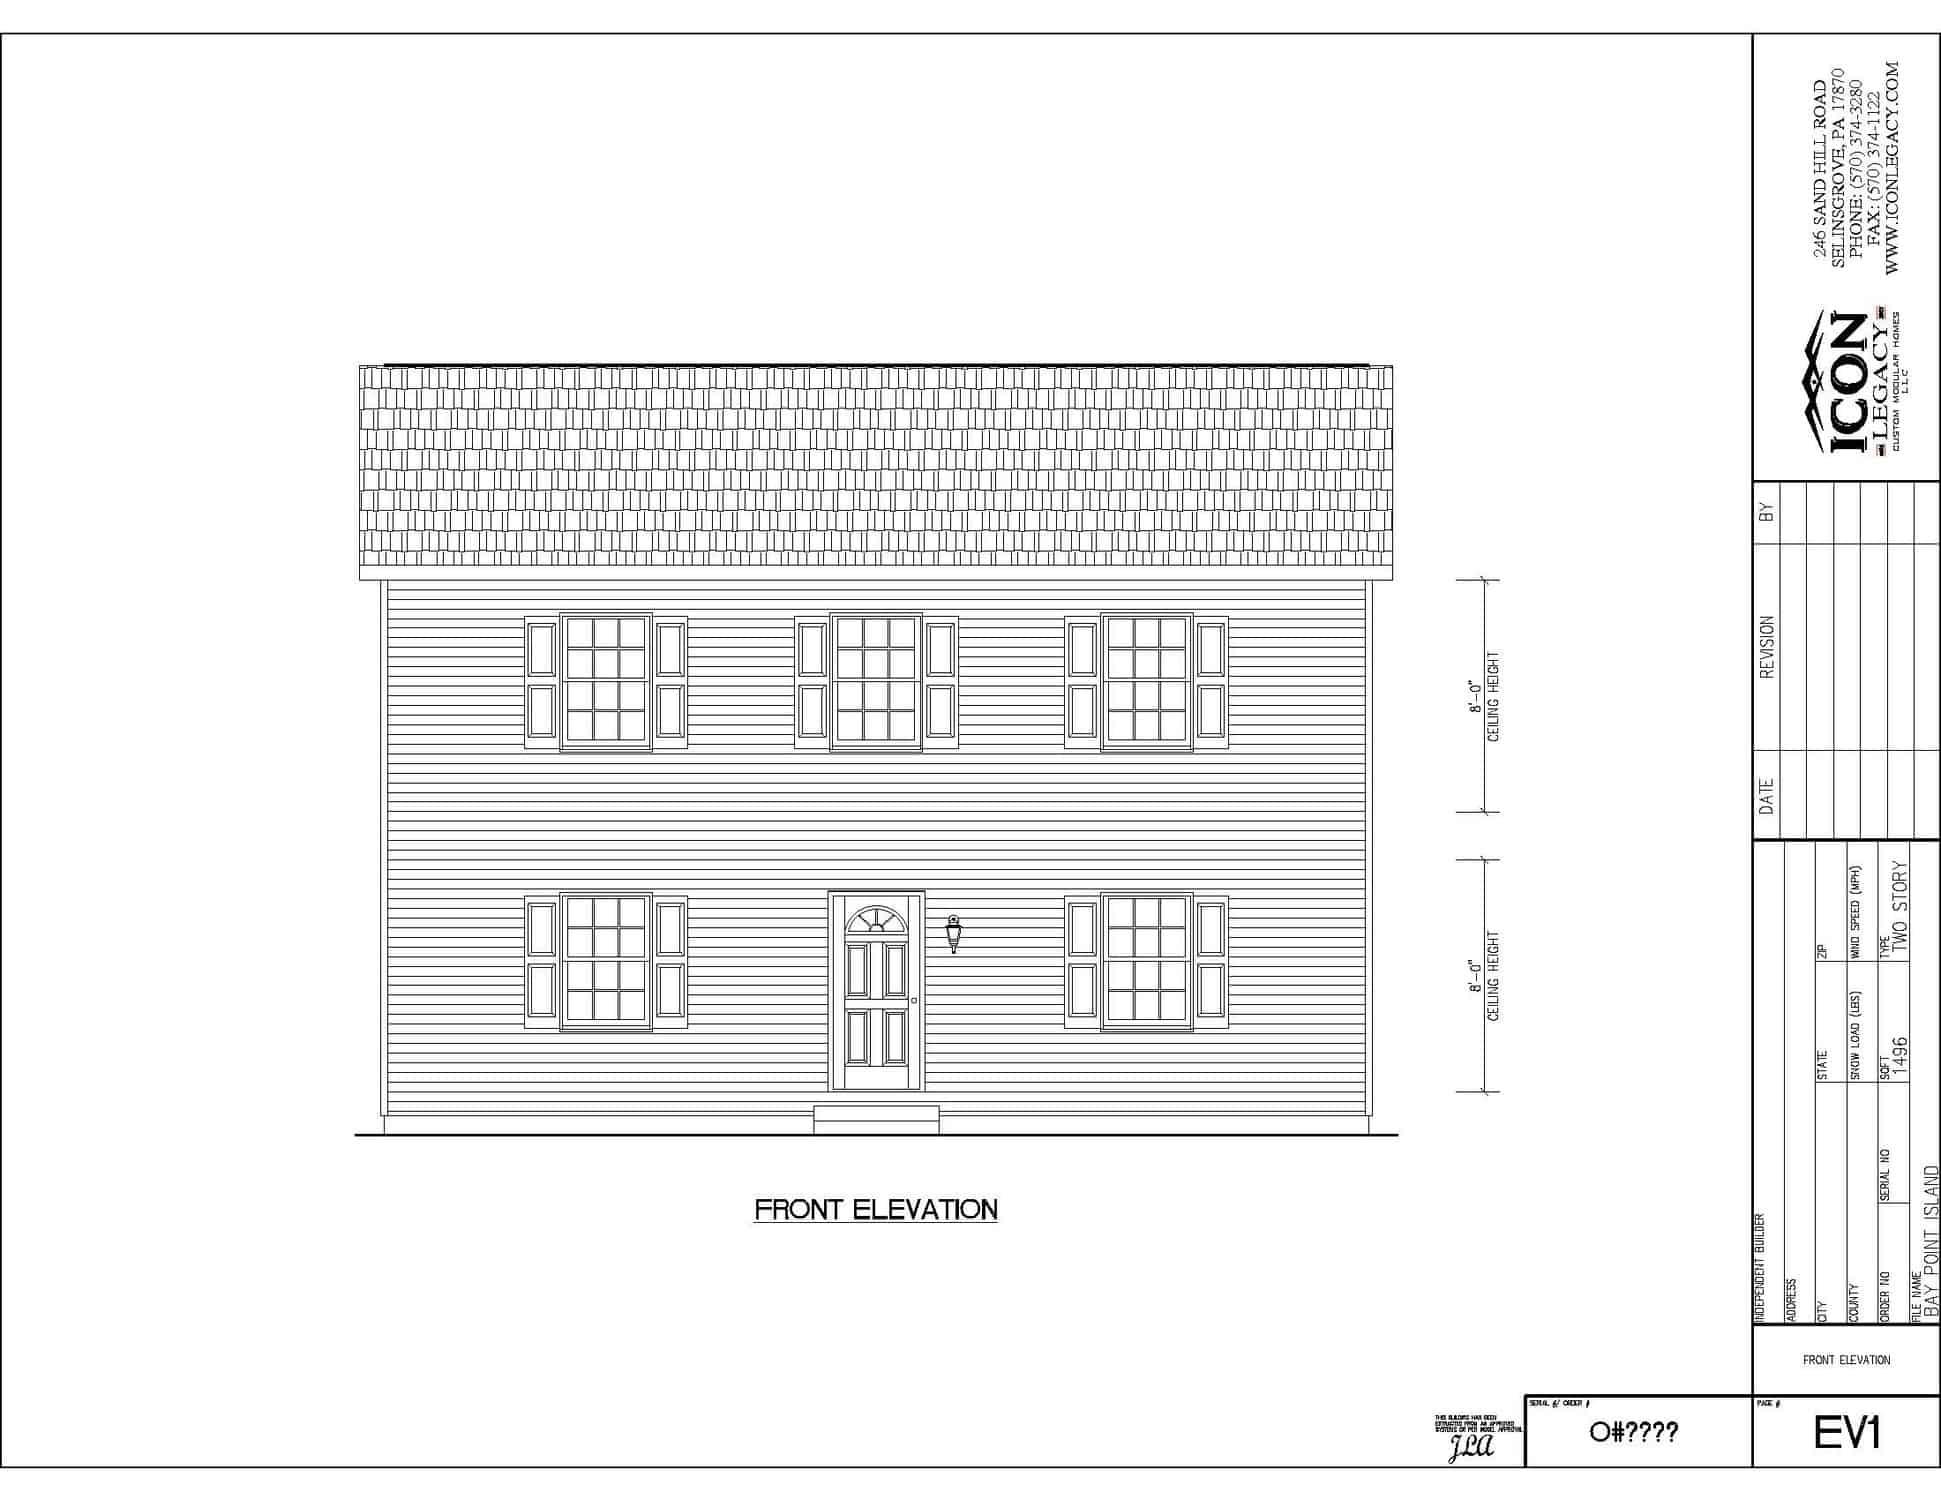 Bay Point Modular Home